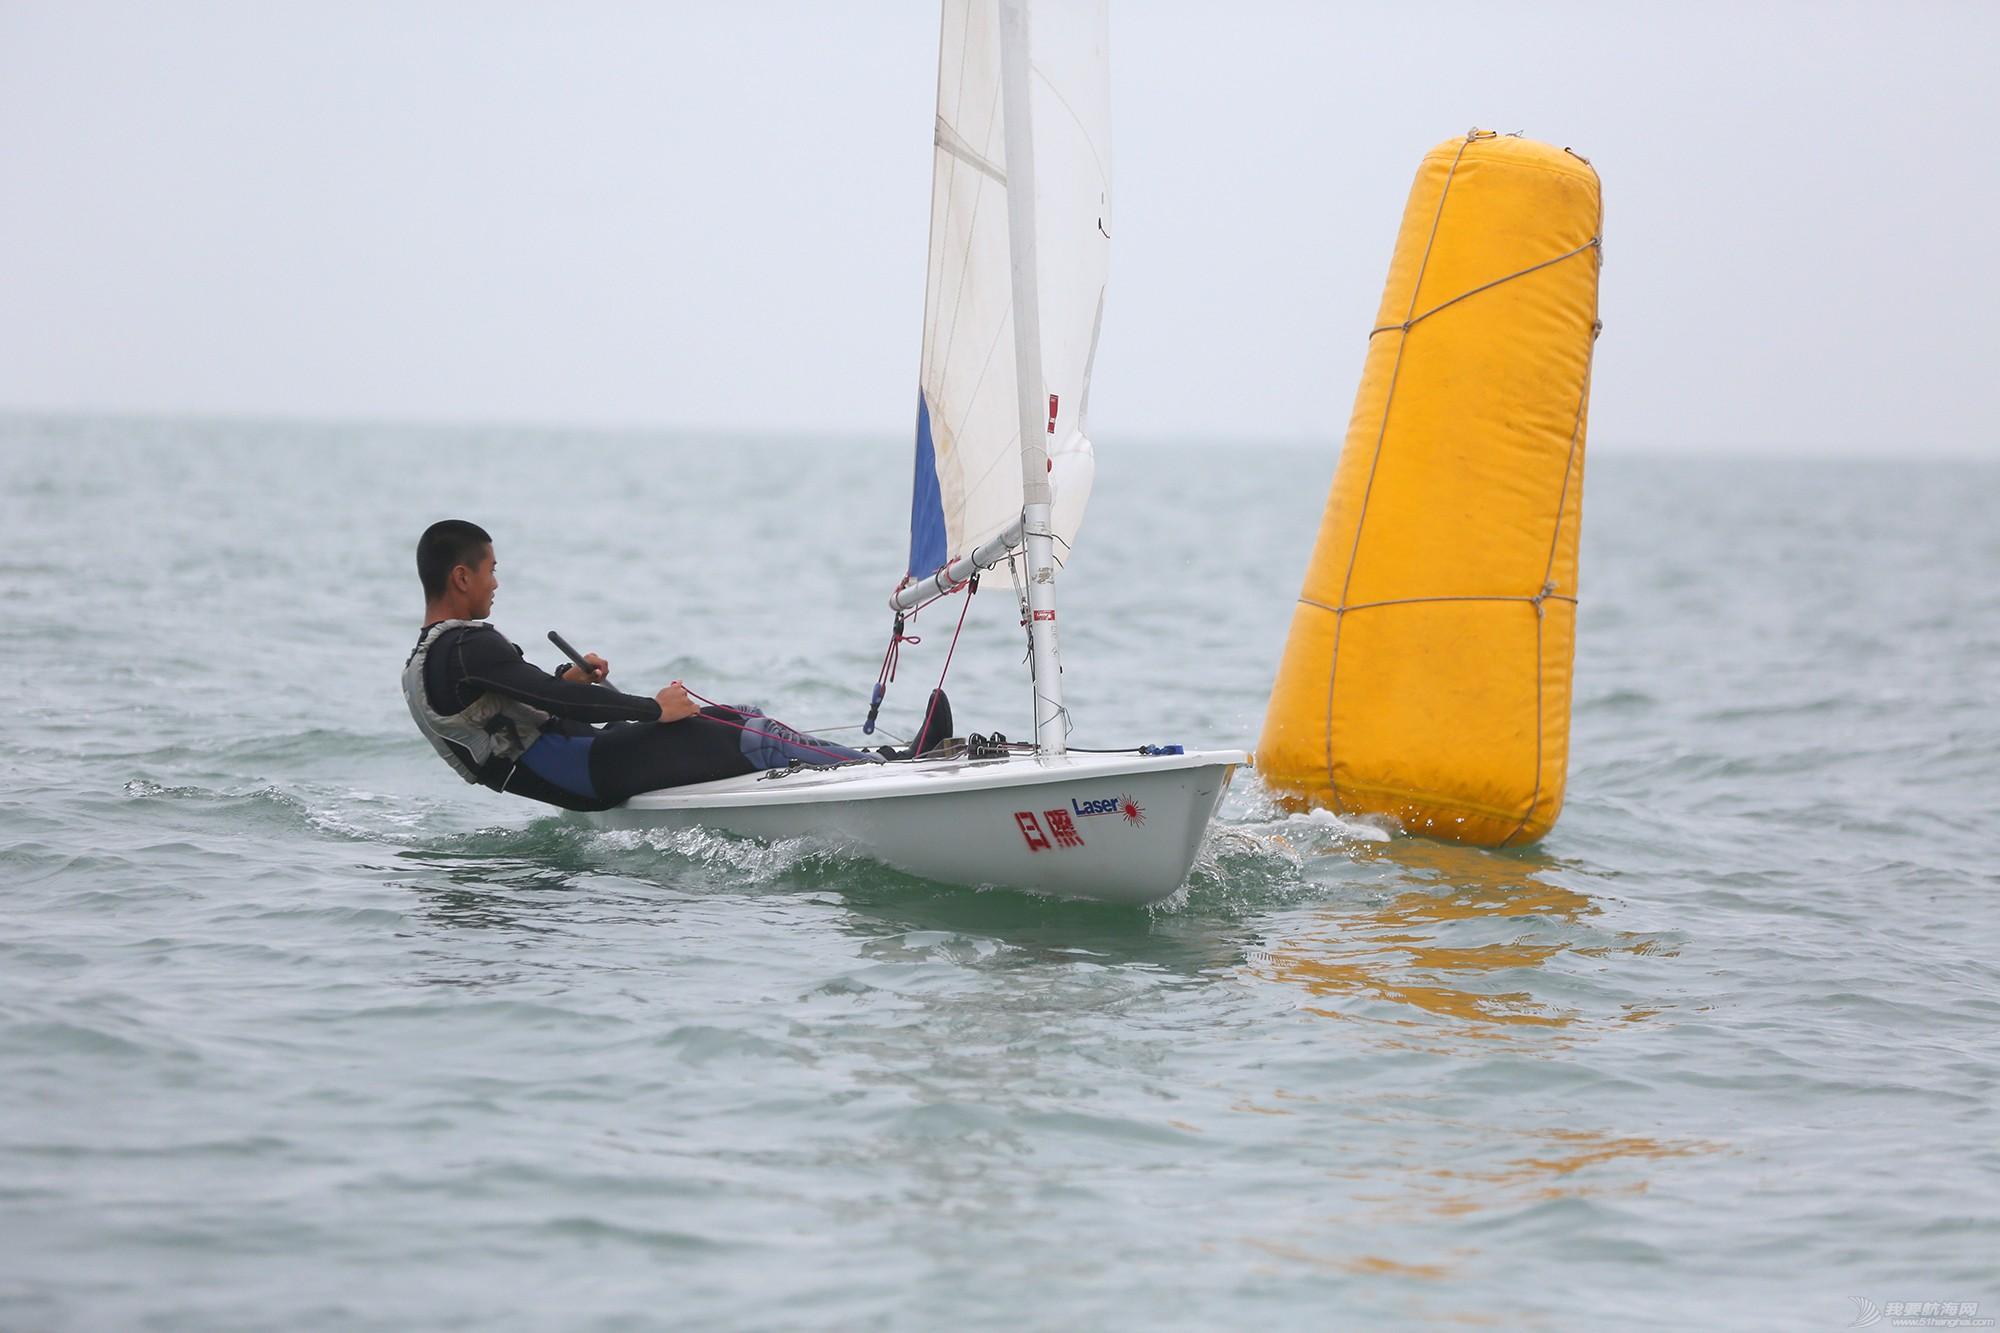 山东省,运动员,冠军赛,天气,帆板 风生水起,怎奈个个都是浪里白条——山东省帆船帆板冠军赛第二天赛况 5V8A2870副本.jpg